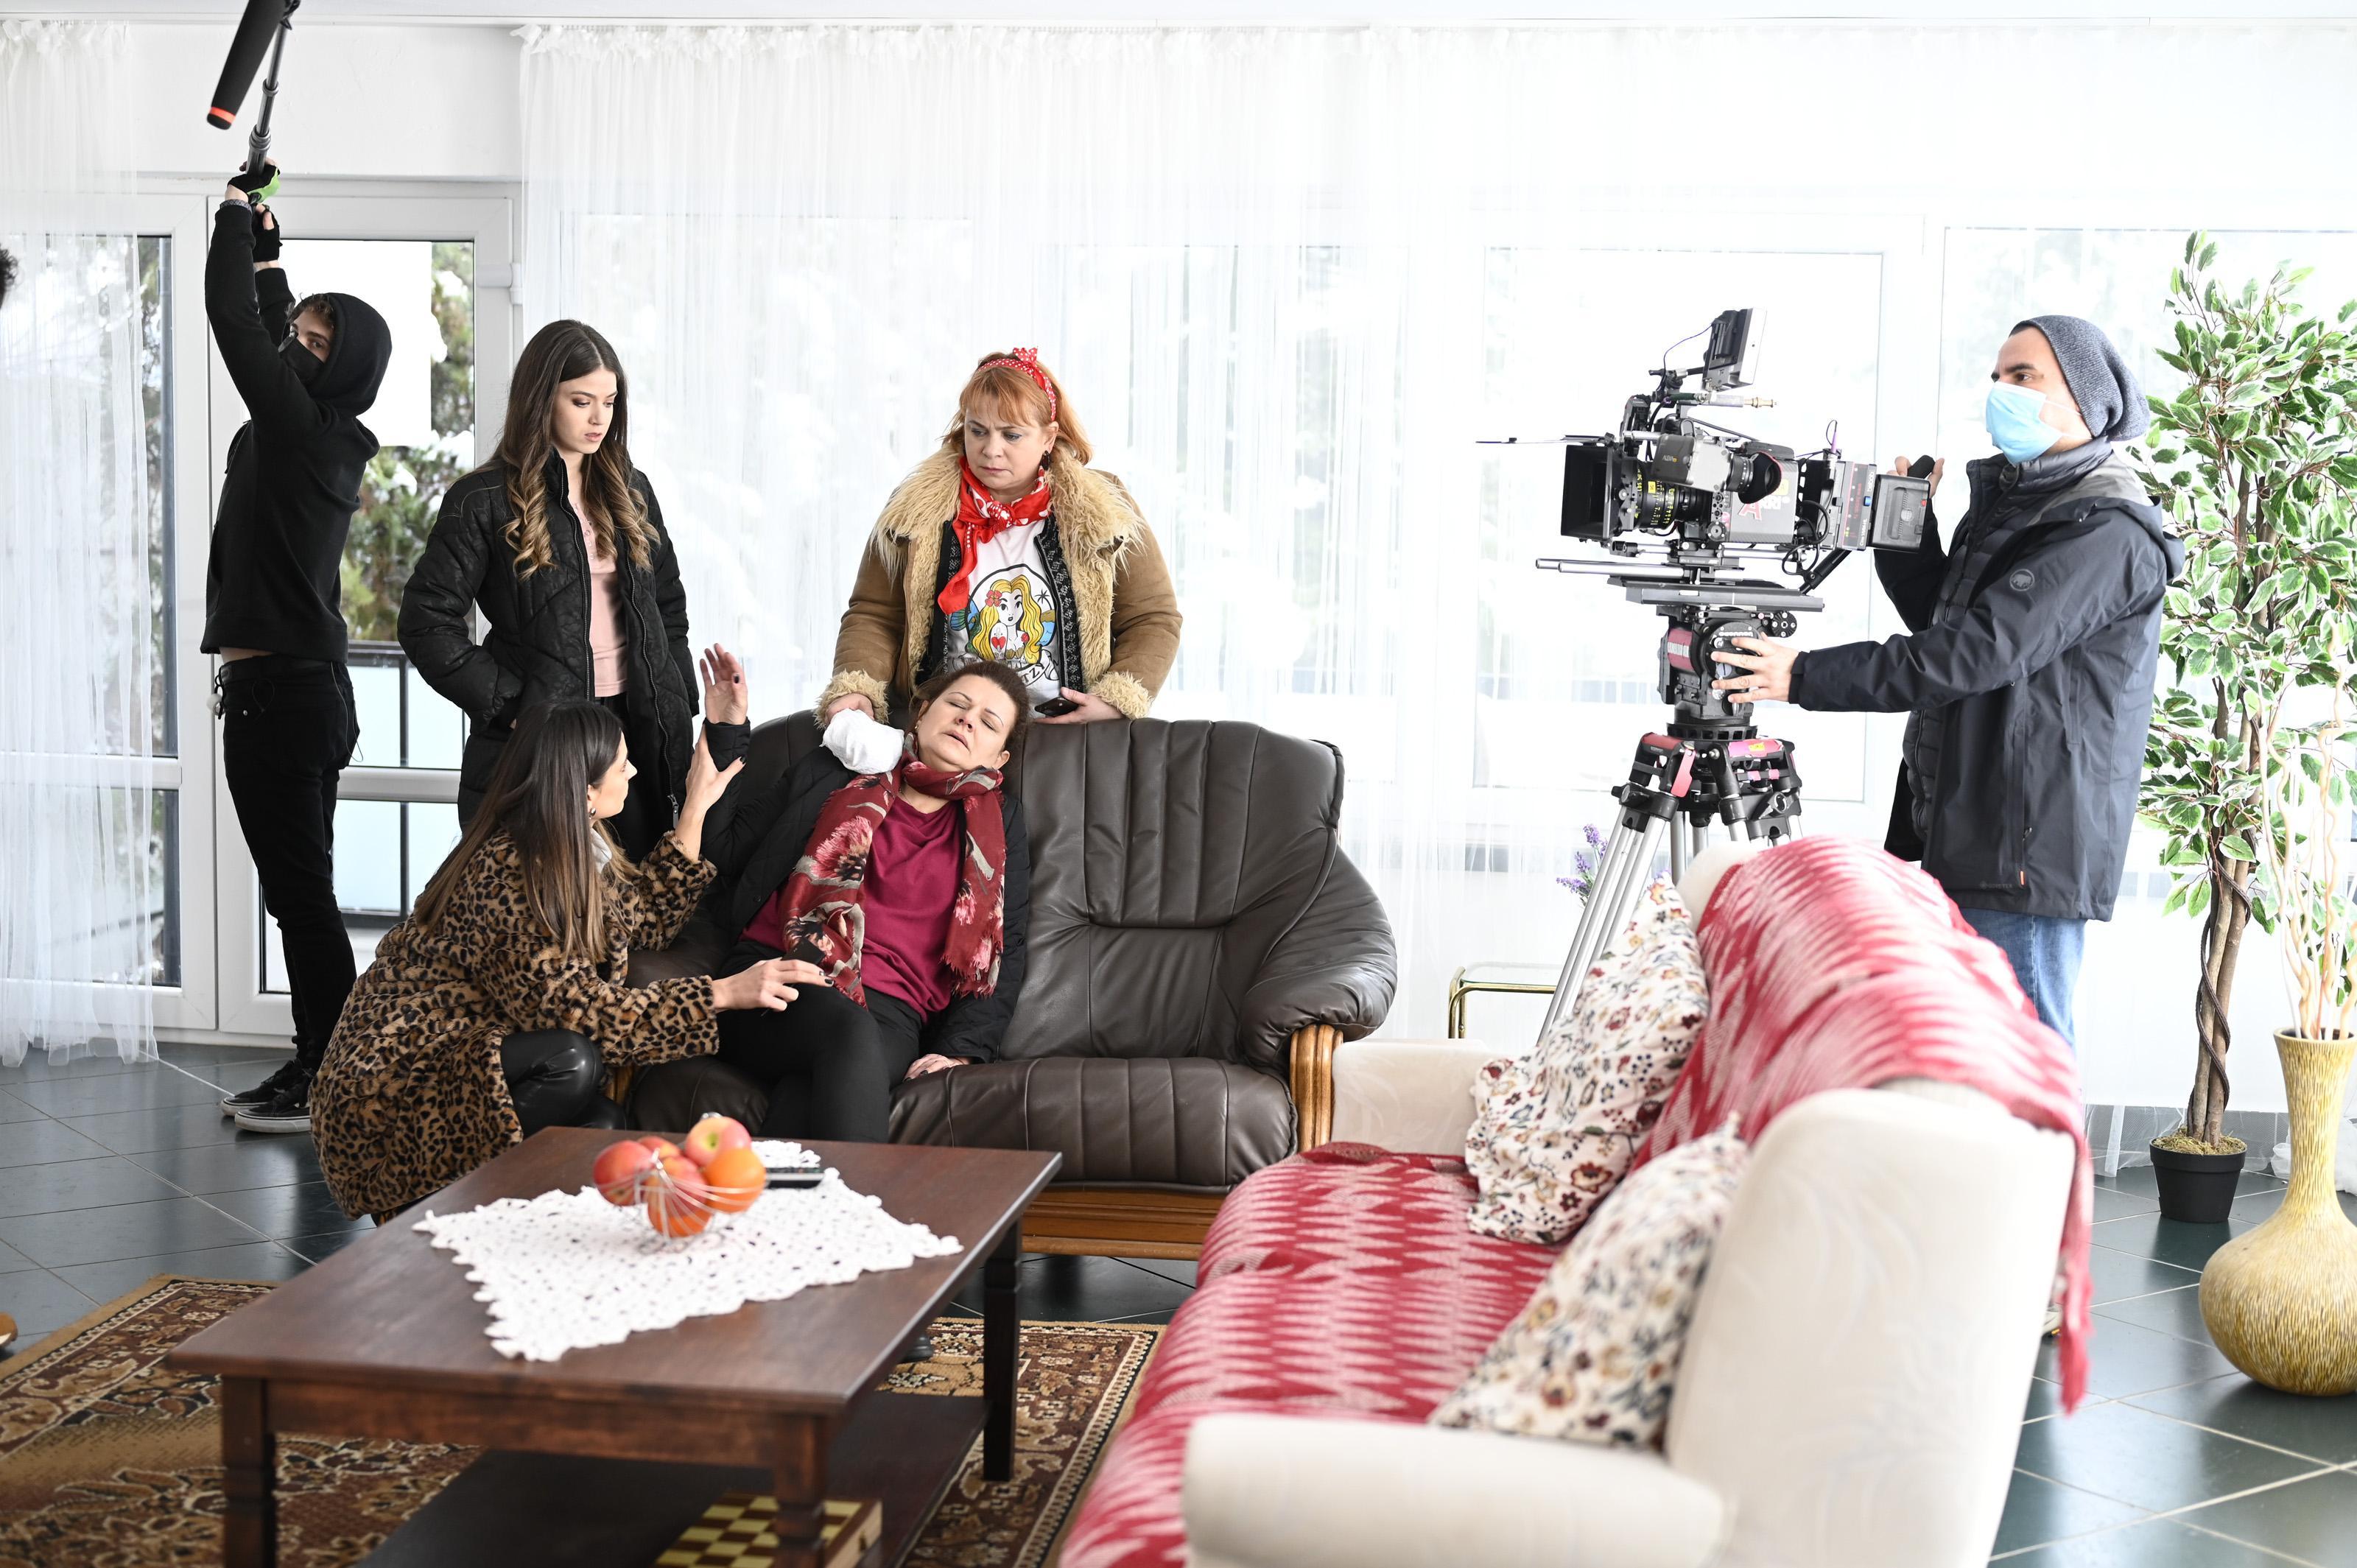 Cristina Ciobănașu și Vlad Gherman prezintă Adela - Tot ce nu se vede, episodul 15. Oana Moșneagu și Krem, cele mai grele scene!